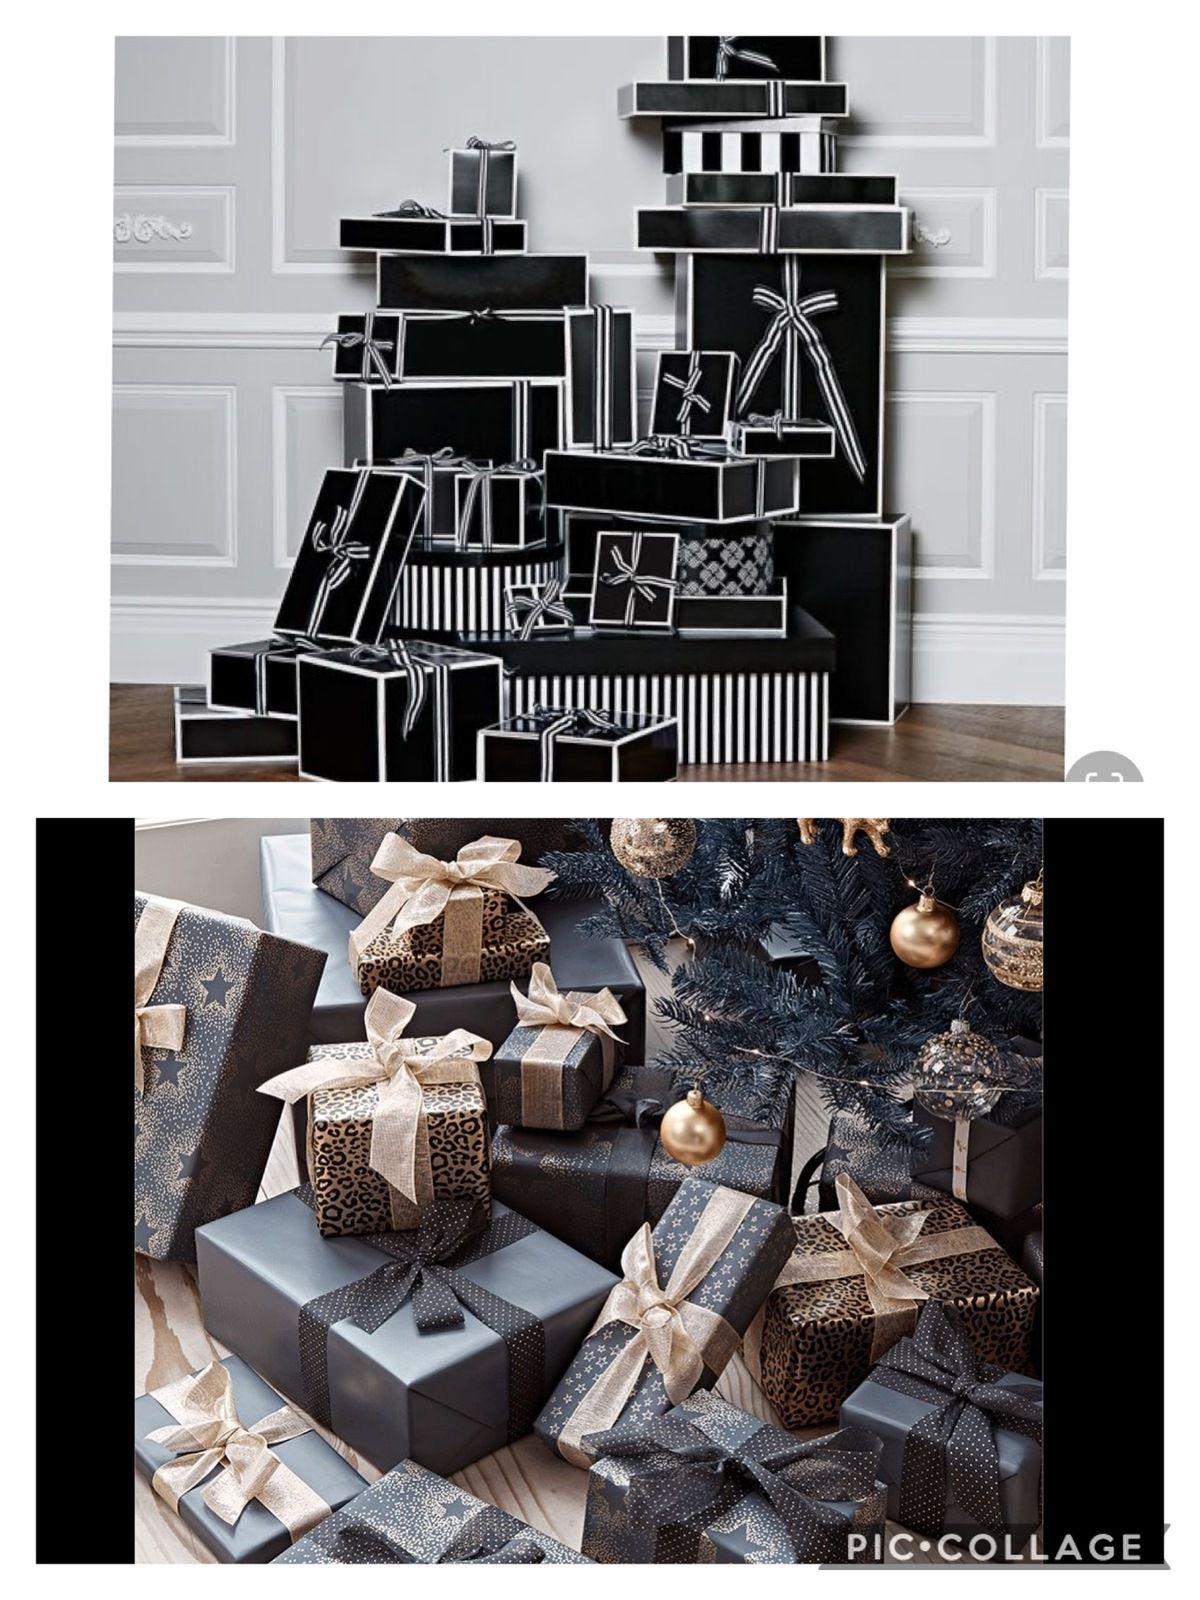 Pour vos paquets, misez sur le noir et blanc, et de beaux rubans (photos source pinterest)